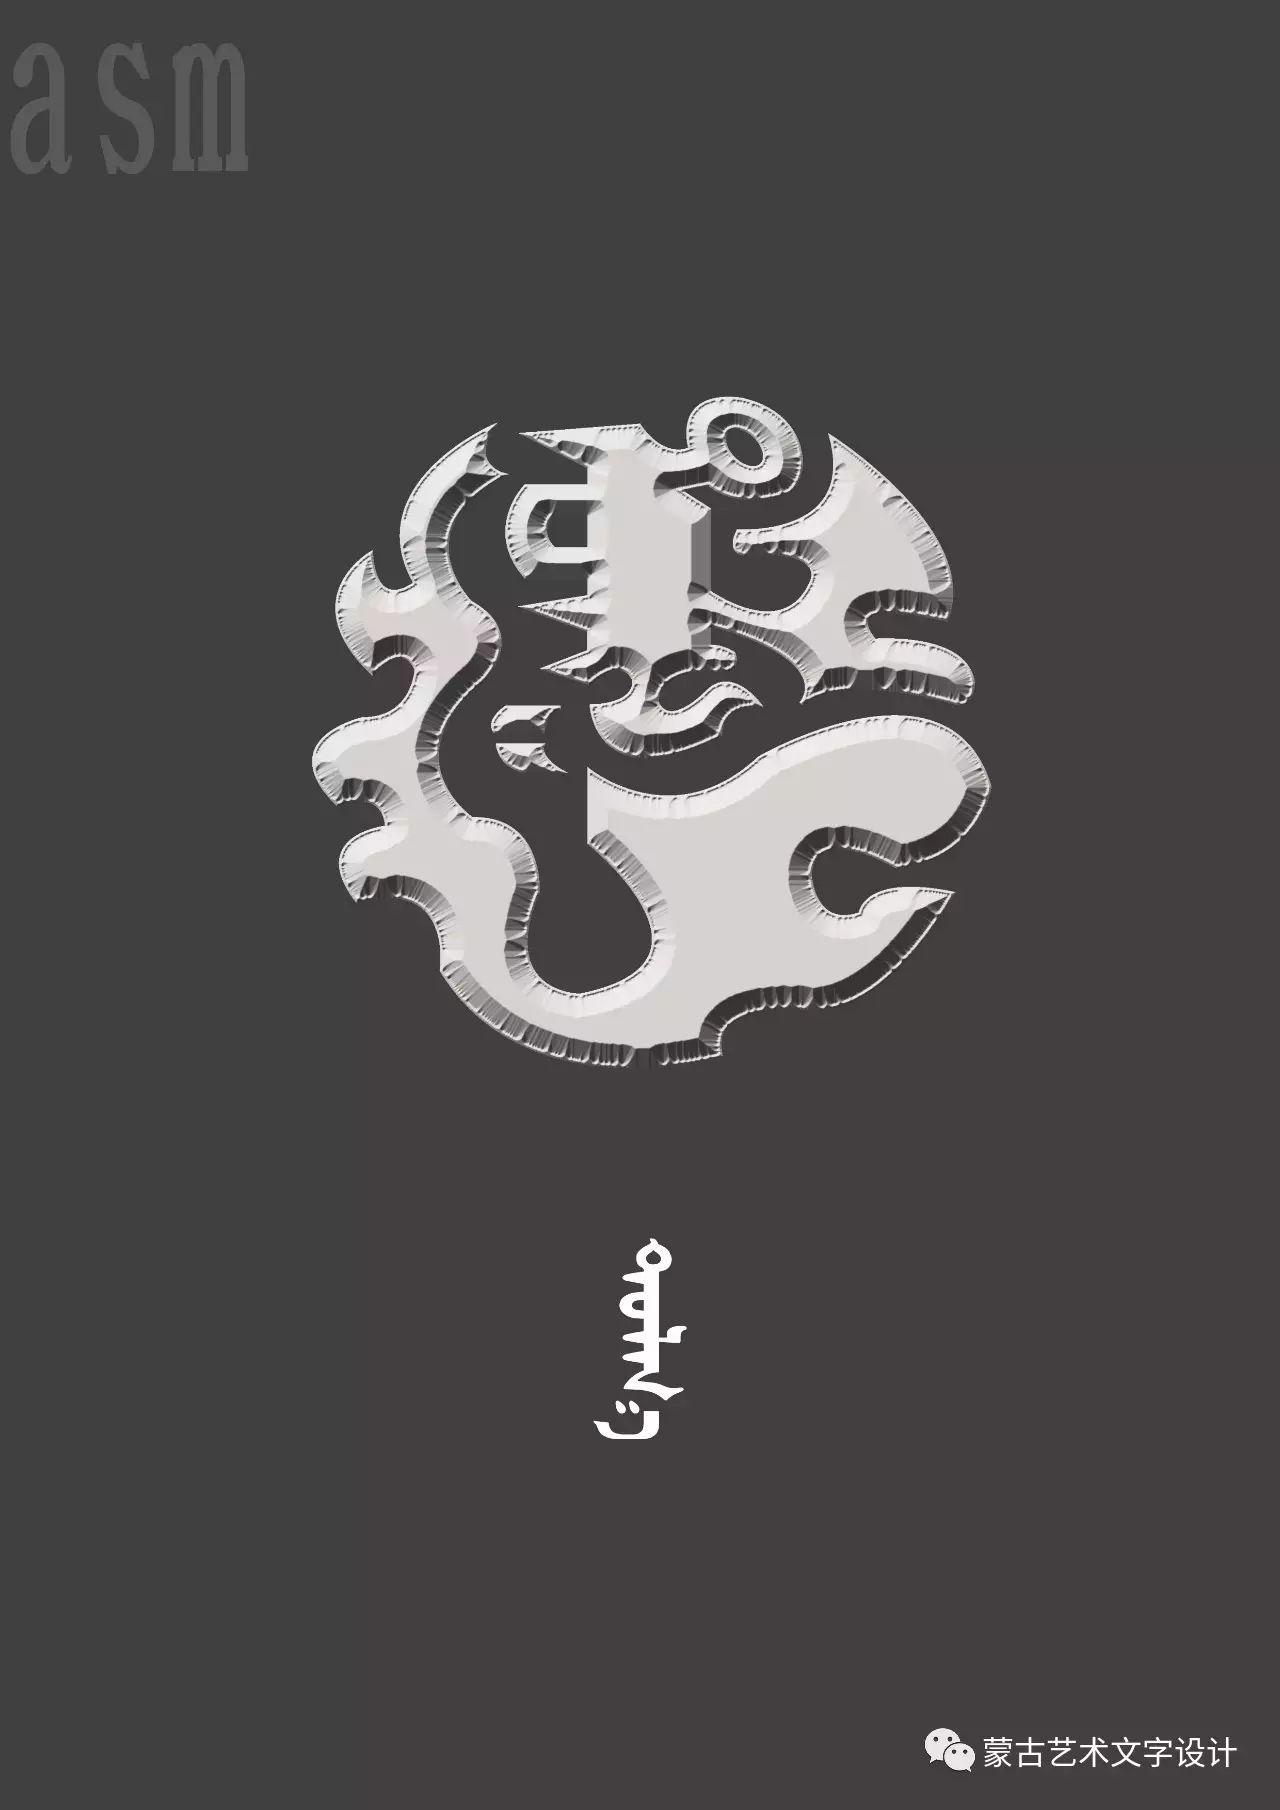 蒙古艺术文字设计 第67张